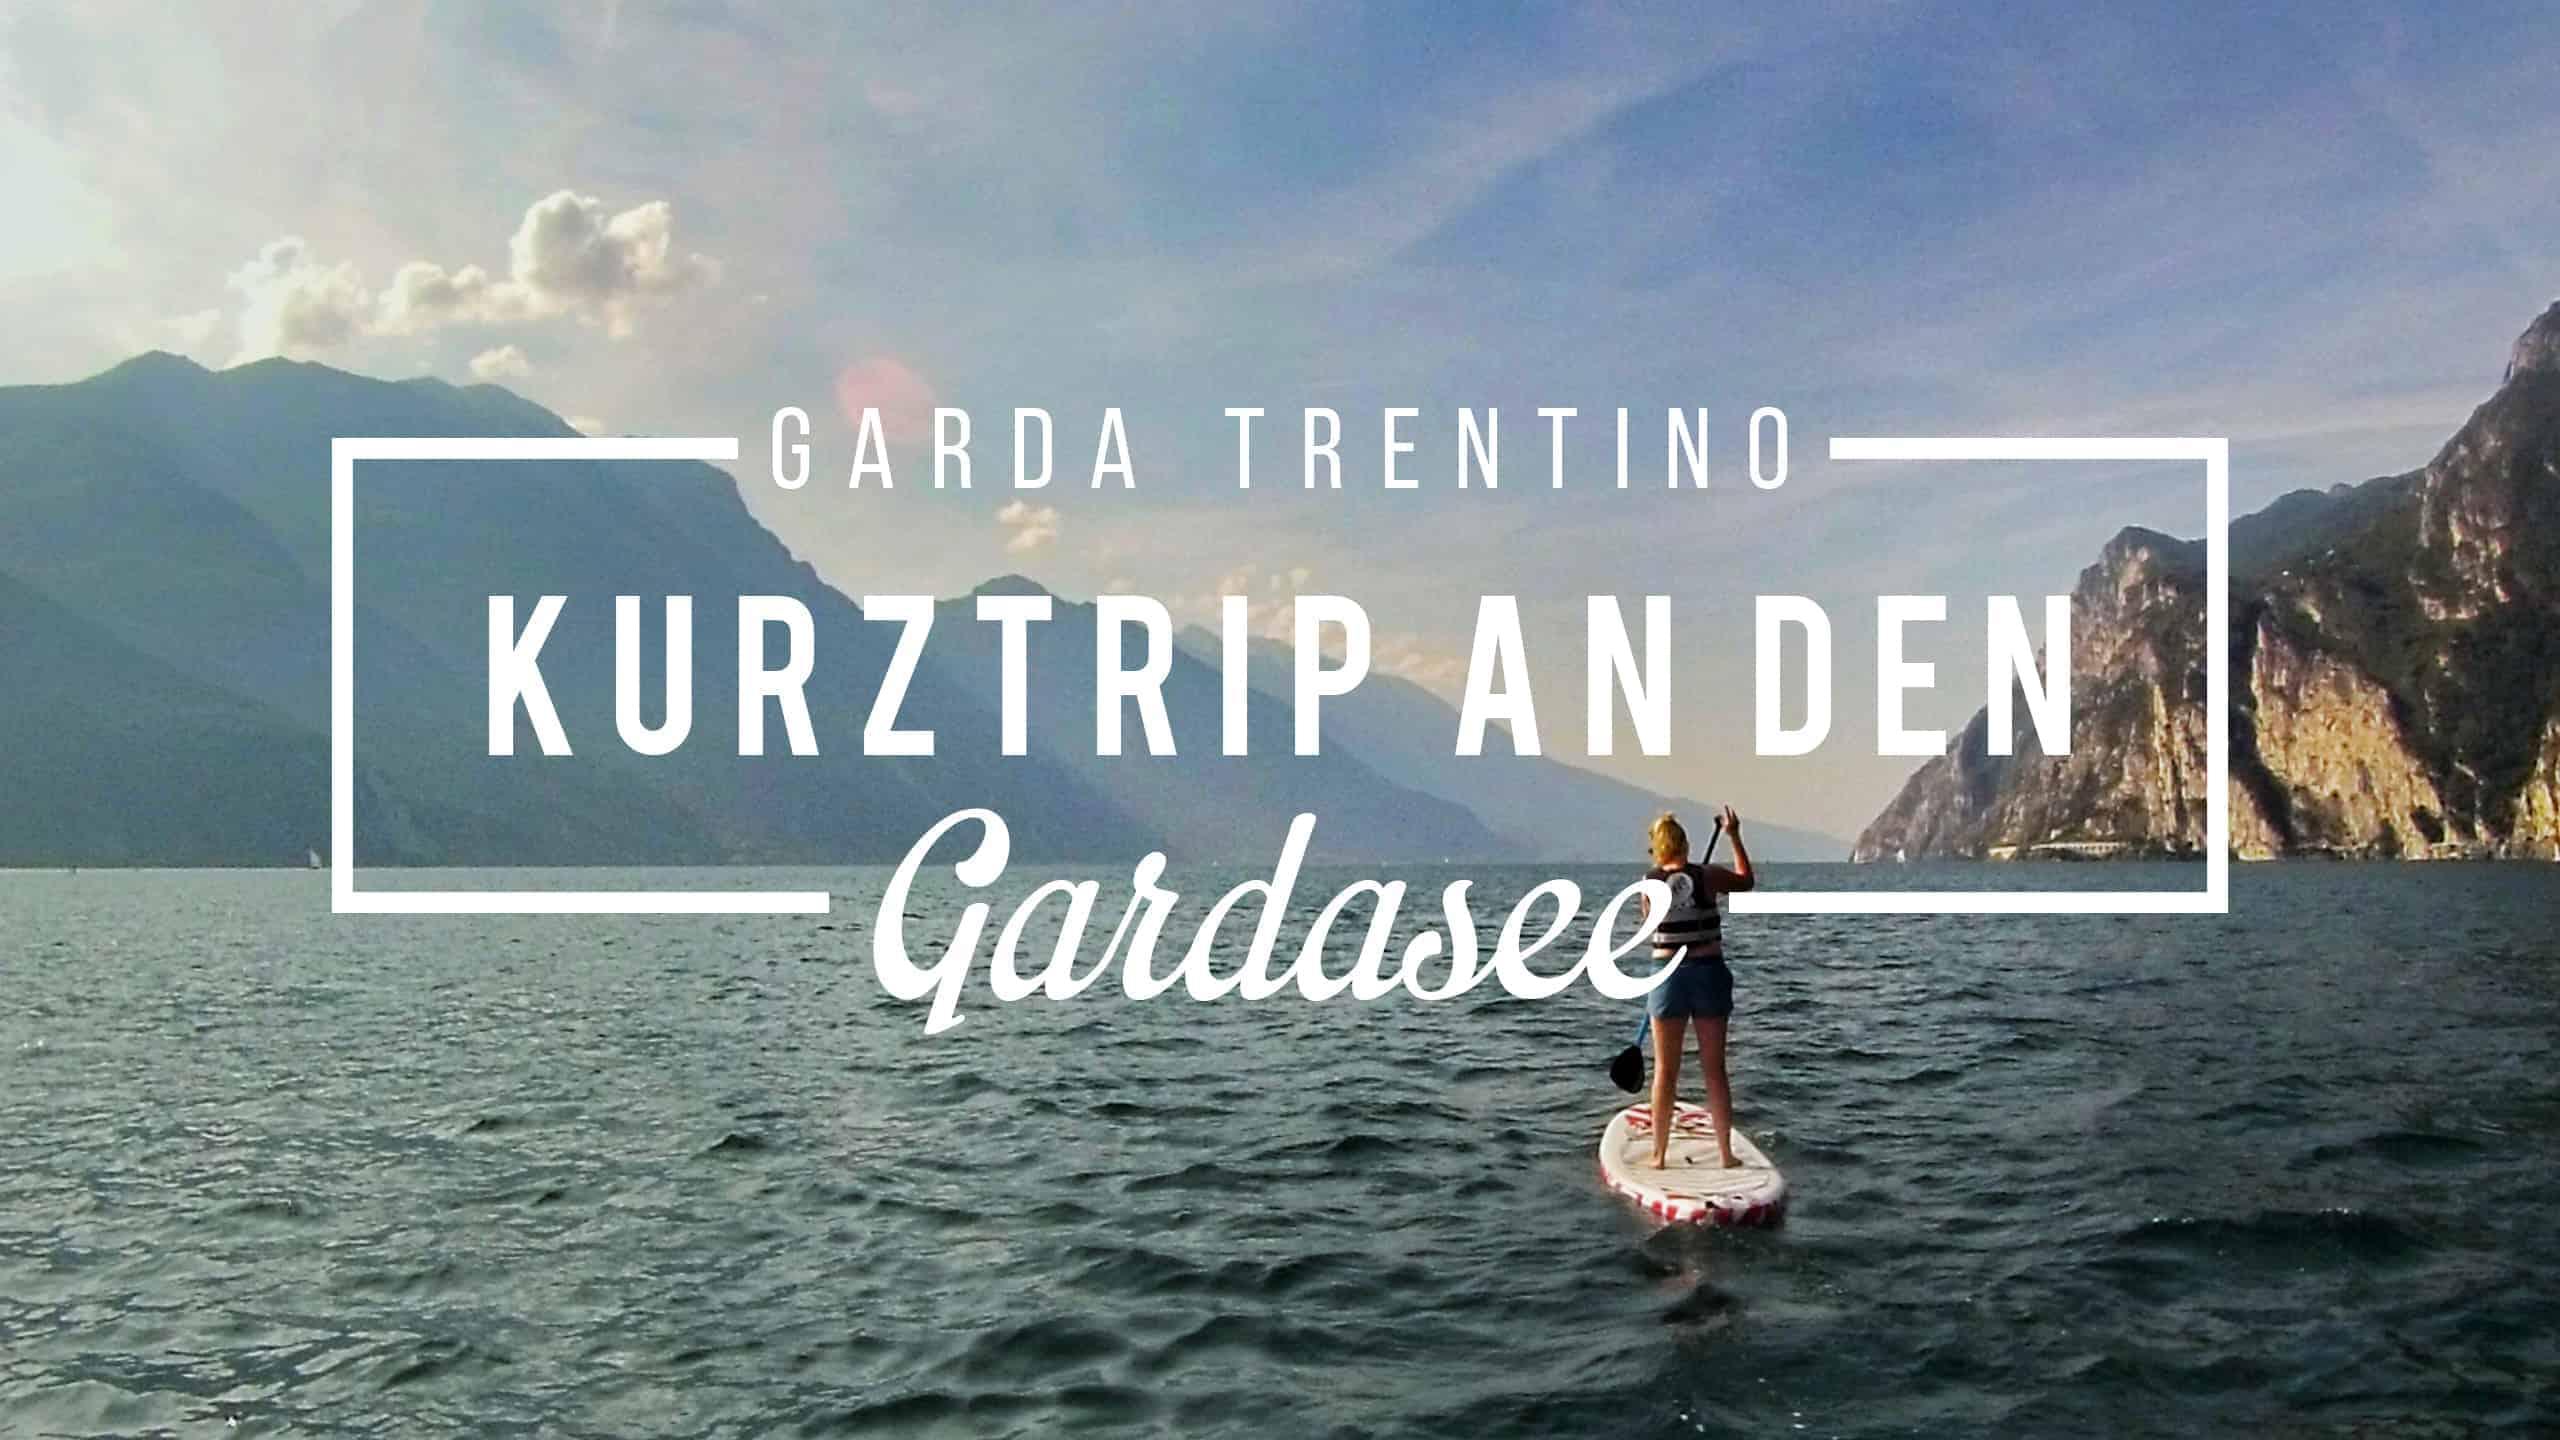 Outdoor-Aktivitäten am Gardasee